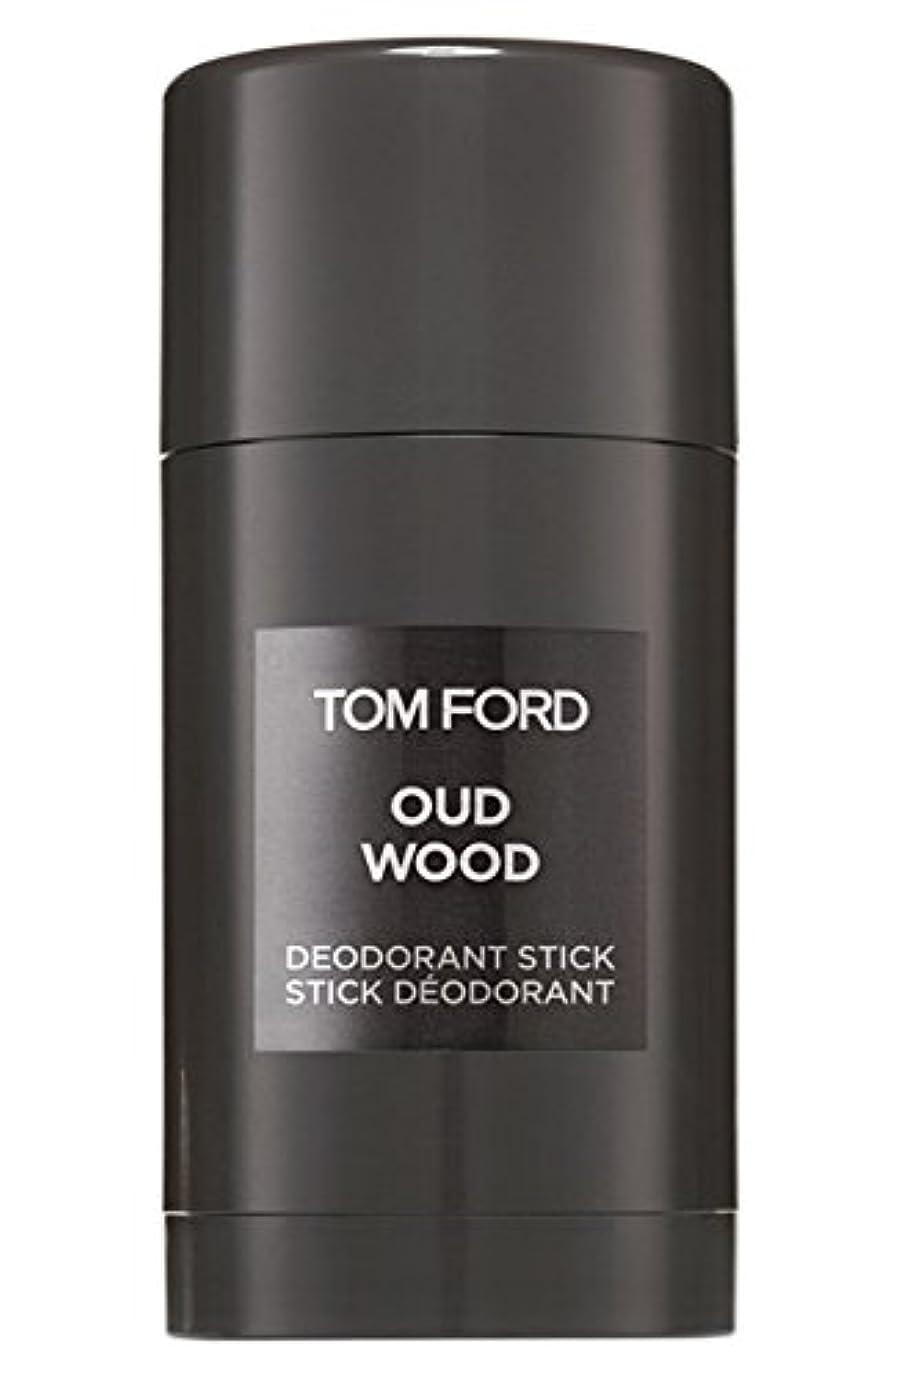 財産期限洗練Tom Ford Private Blend 'Oud Wood' (トムフォード プライベートブレンド オードウッド) 2.5 oz (75ml) Deodorant Stick (デオドラント スティック)